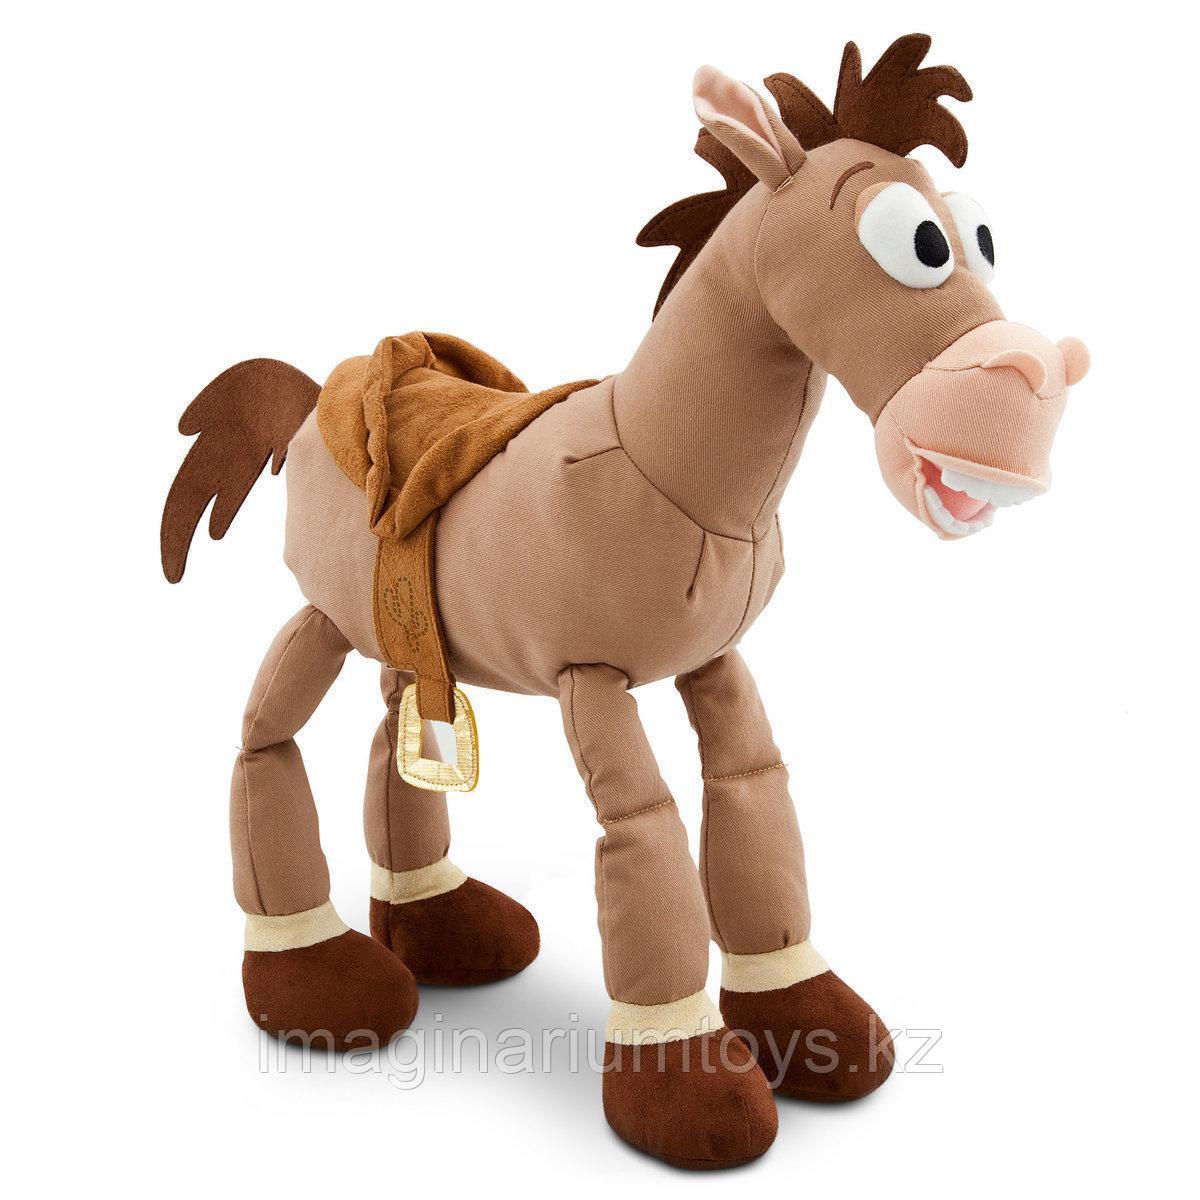 Плюшевый конь Булзай из м/ф «История игрушек»